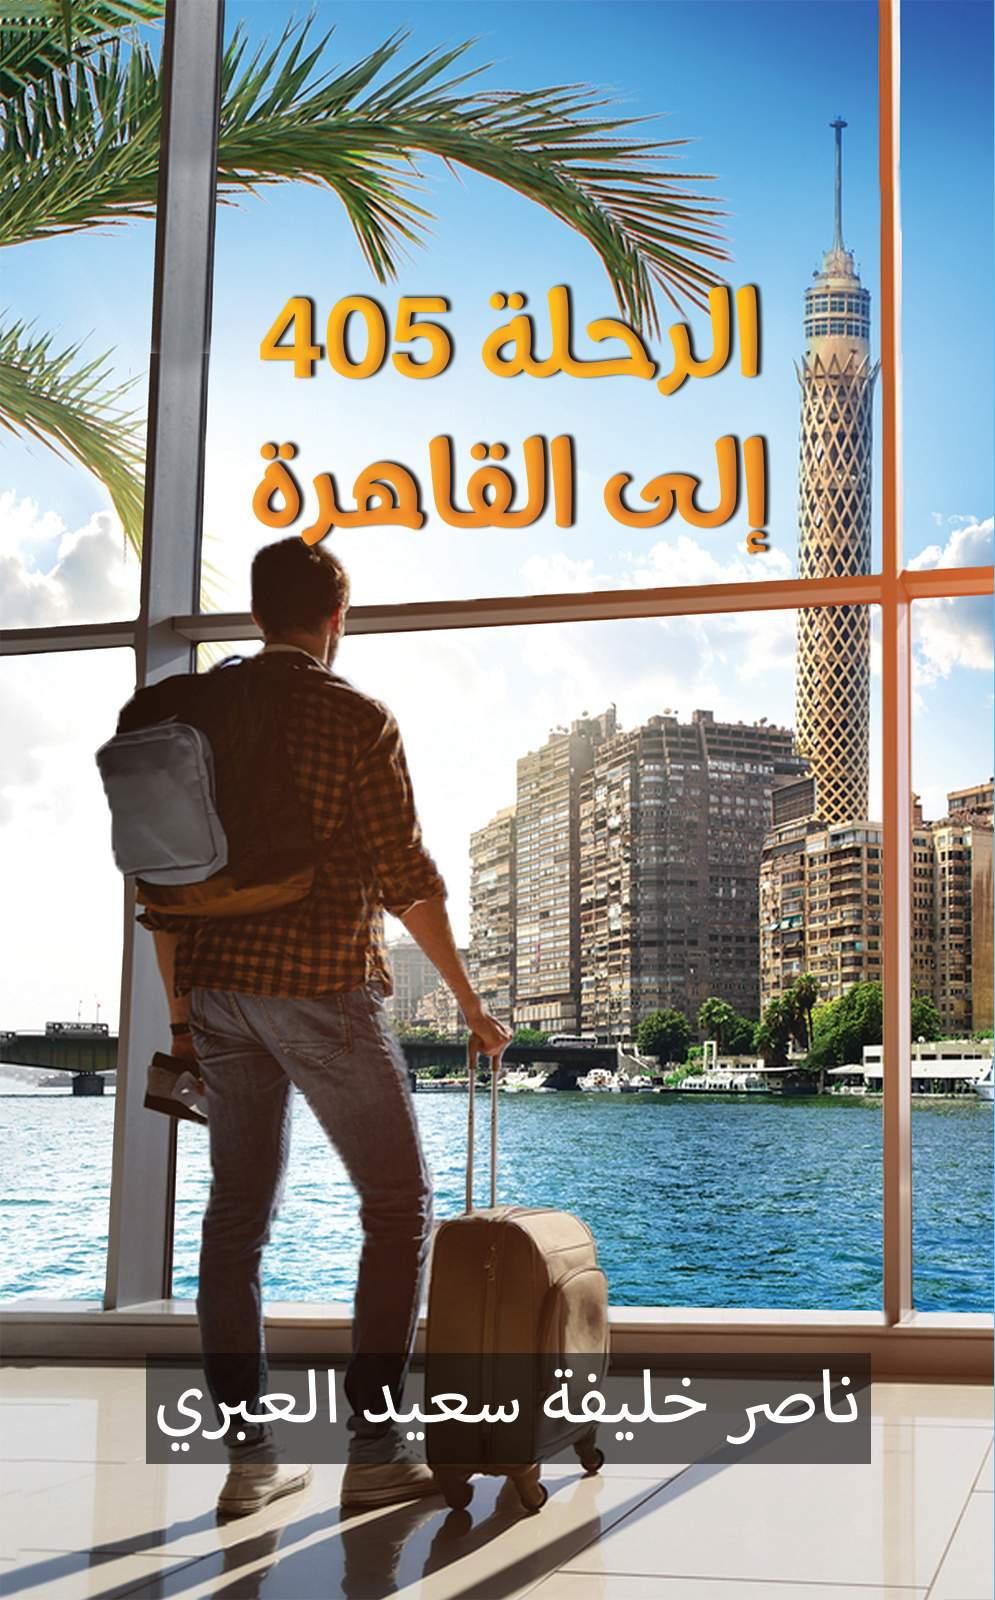 الرحلة 405 إلى القاهرة